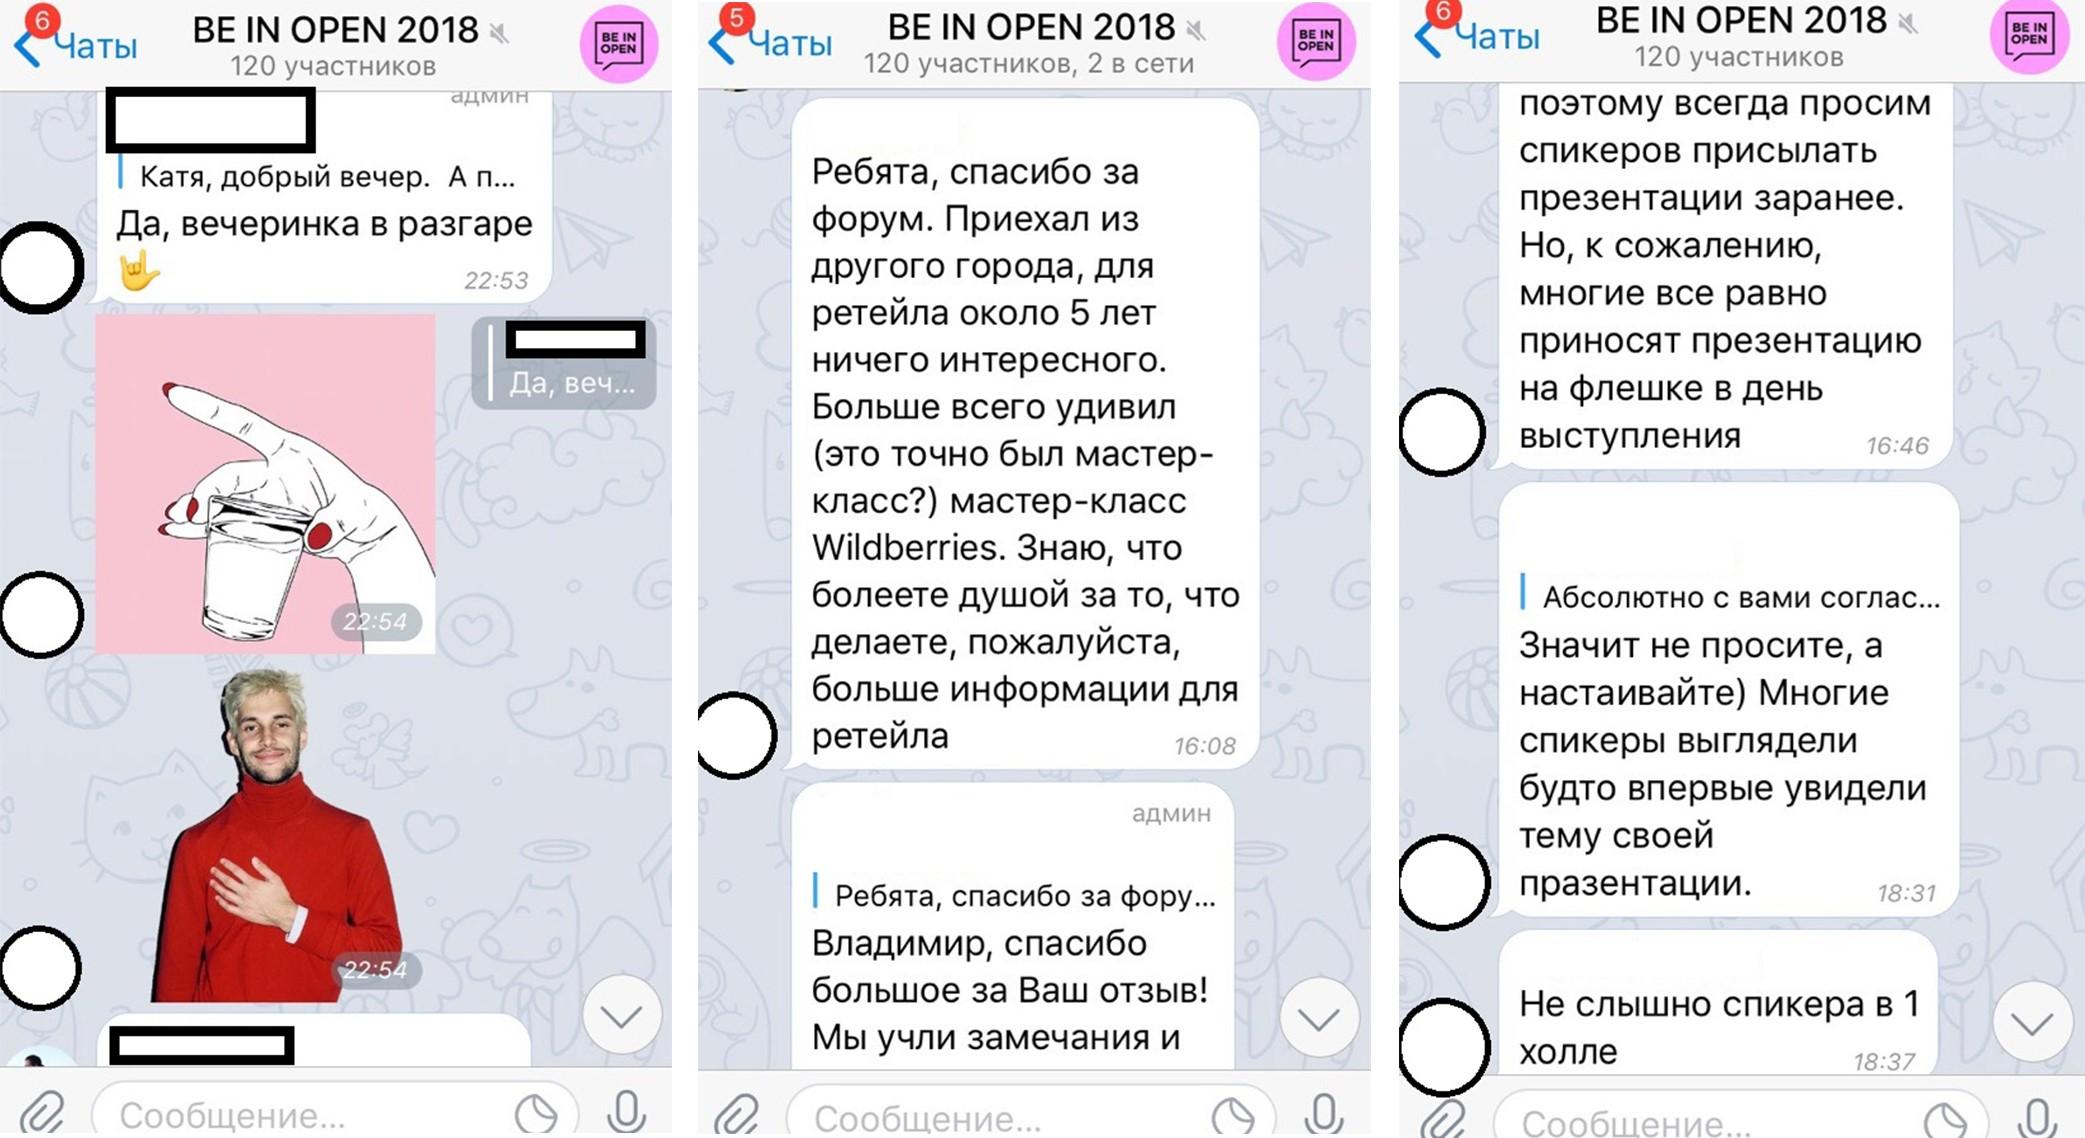 BE IN OPEN 2018